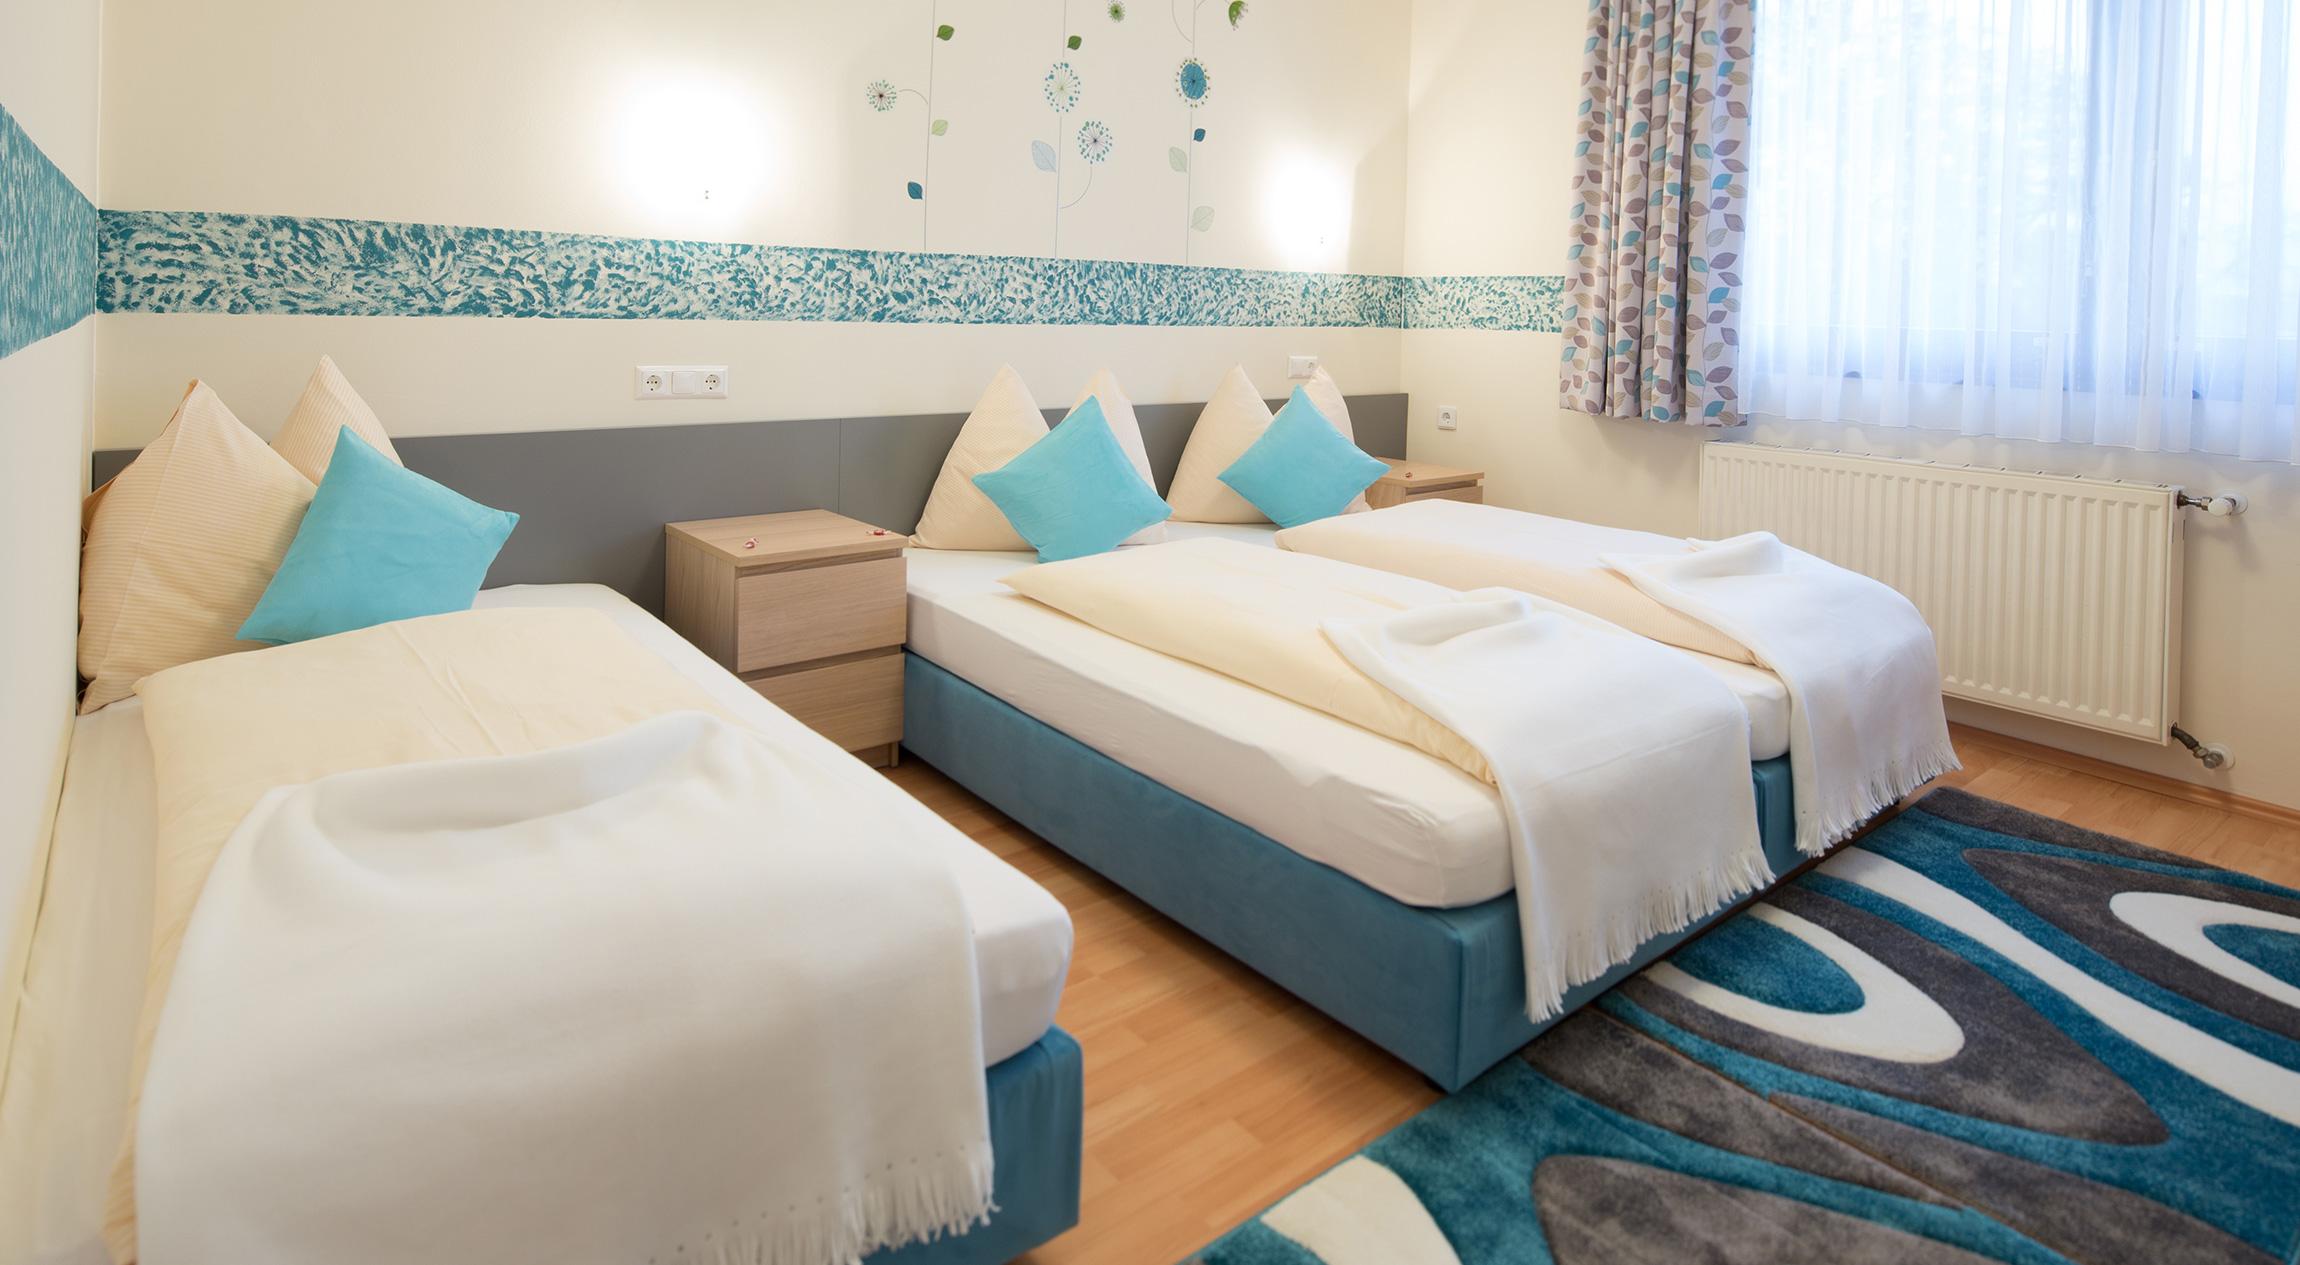 Dreibettzimmer im Hotel Zlami-Holzer in Klagenfurt in der Farbe blau